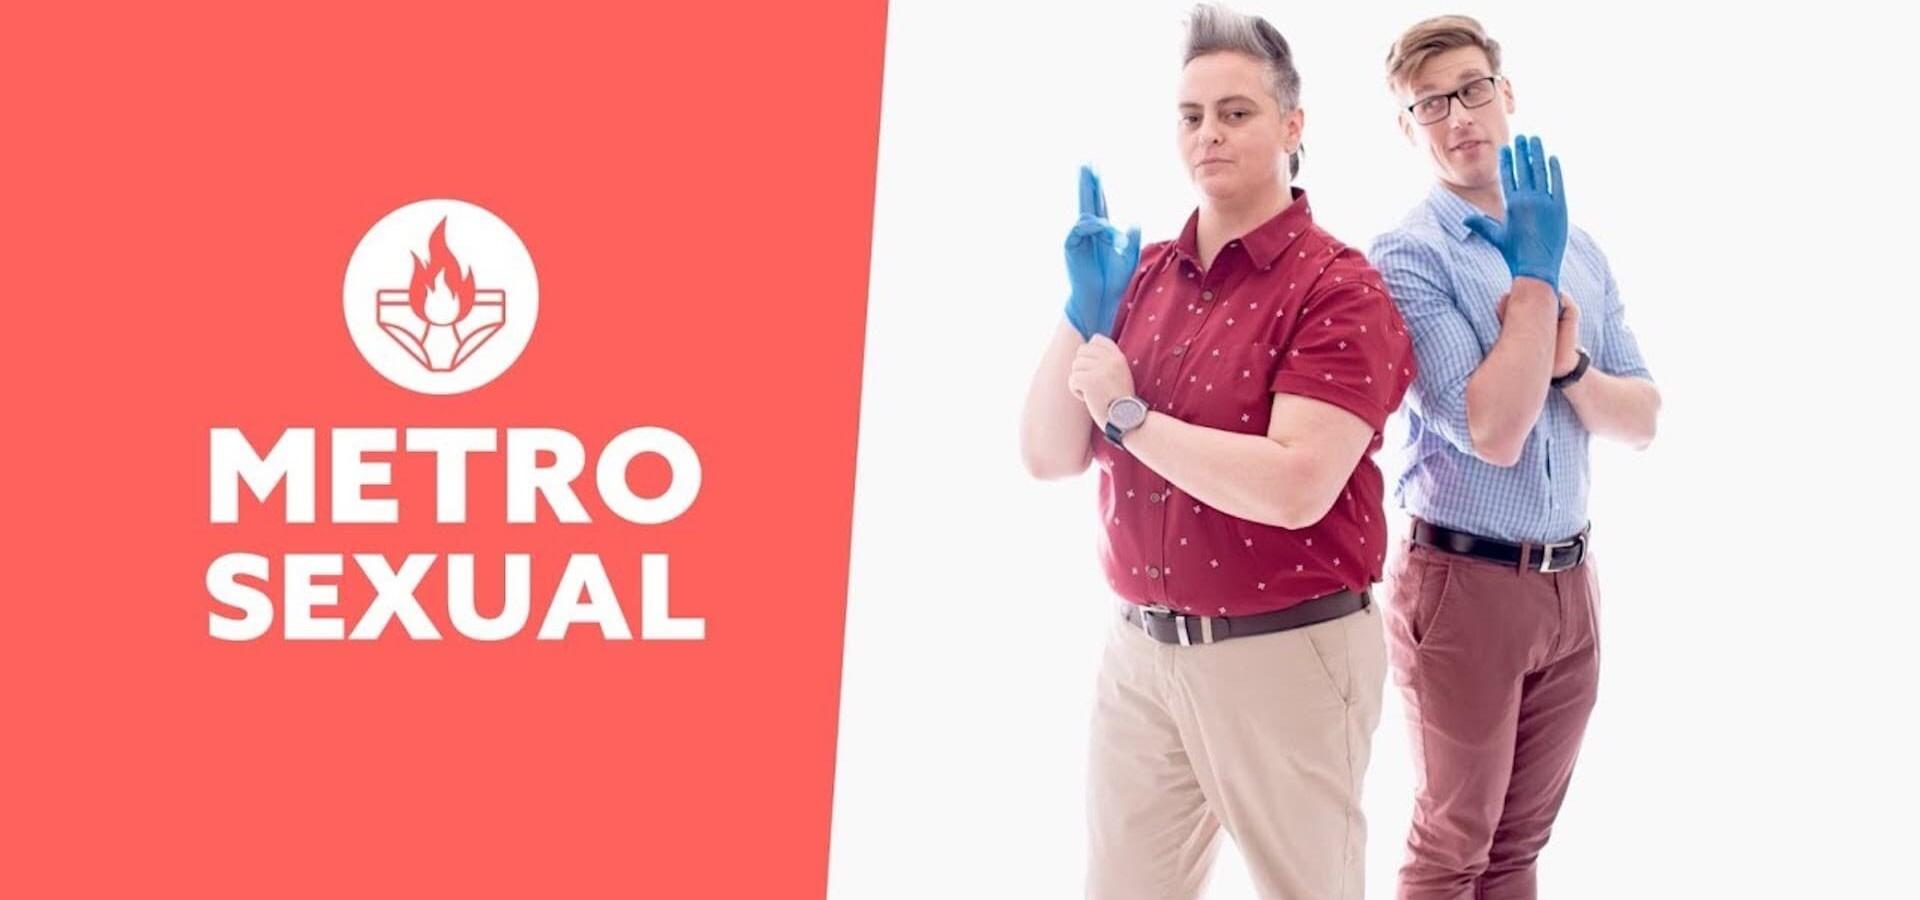 Metro Sexual